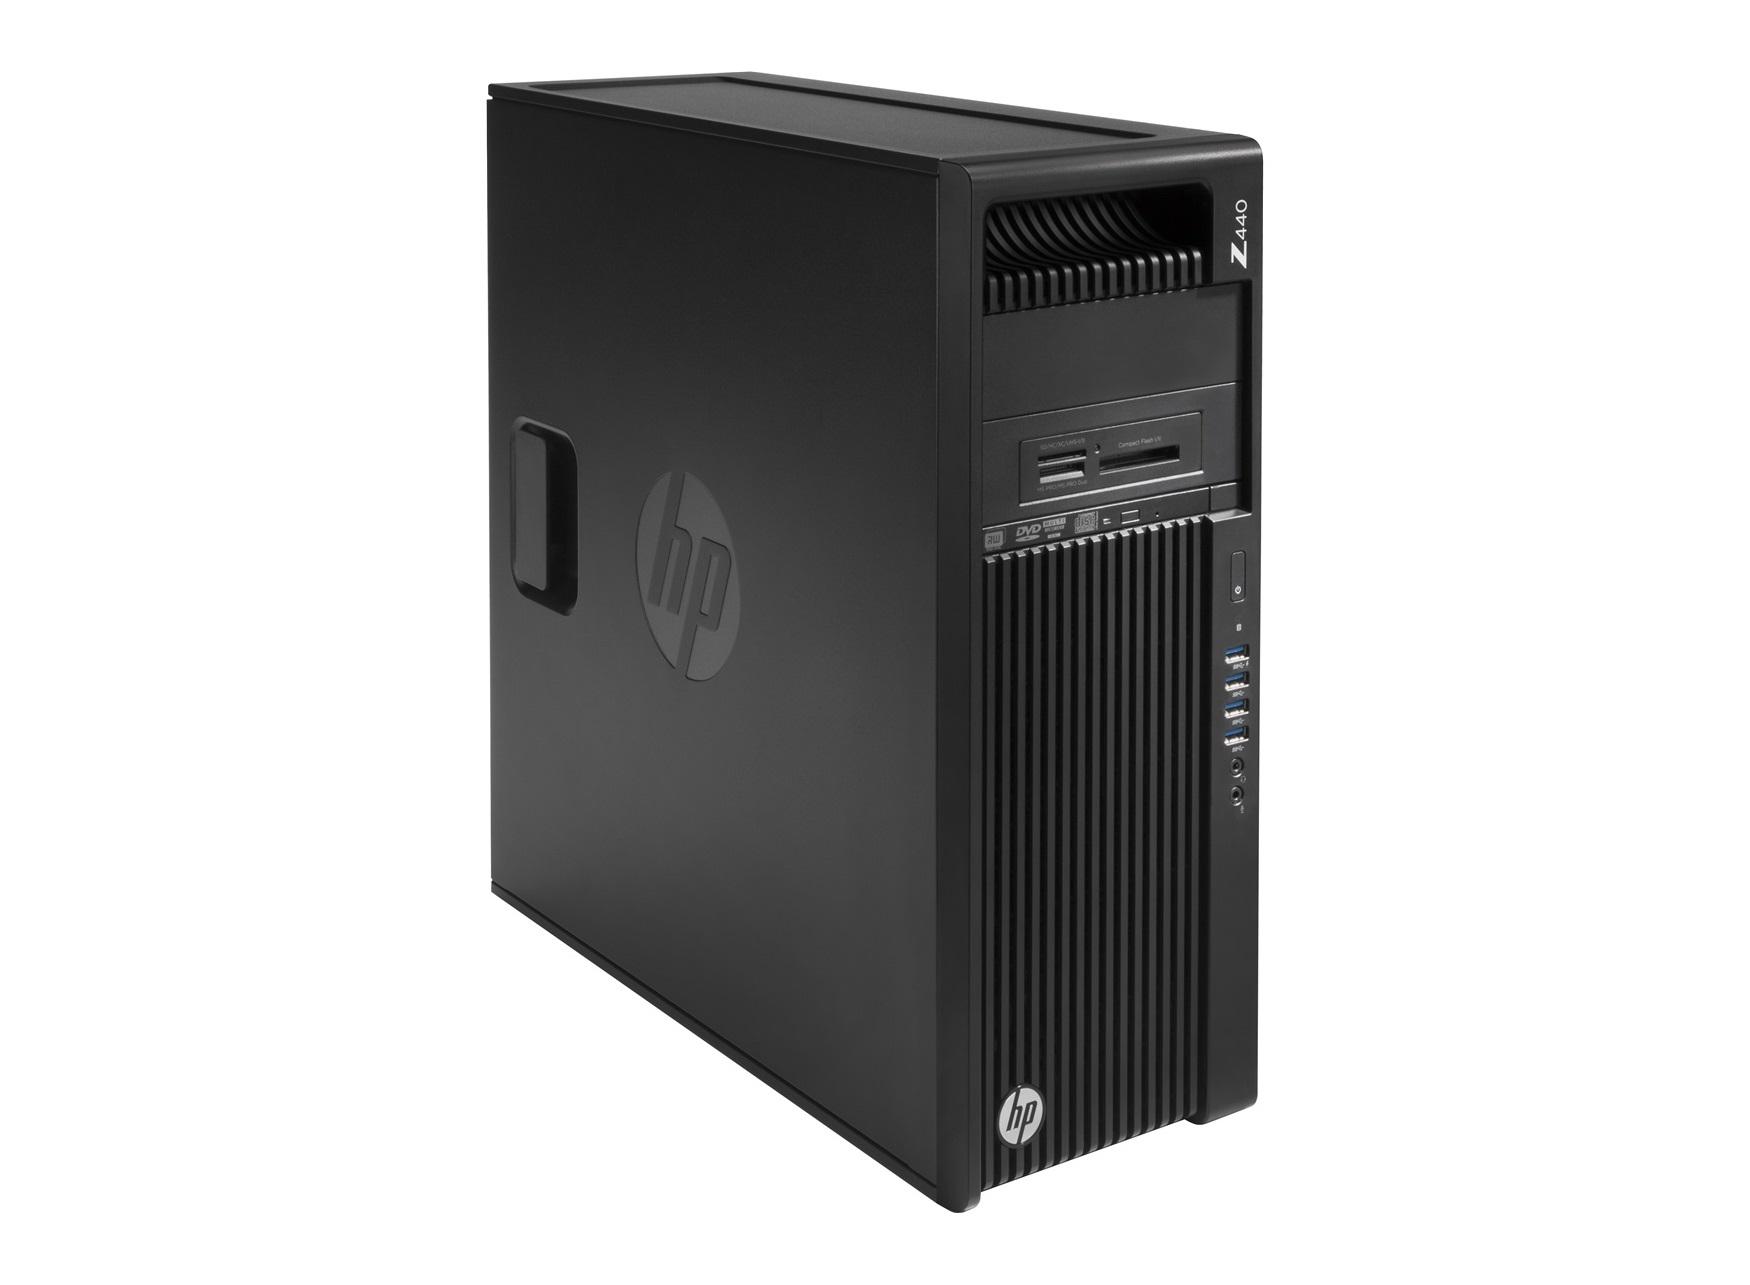 HP Z440 E5-1620v4 3.50GHz /16GB DDR4-2400 (2x8GB)/256GB SSD PCIe/NVIDIA Quadro M2000 4GB 4xDP/Win 10 Pro